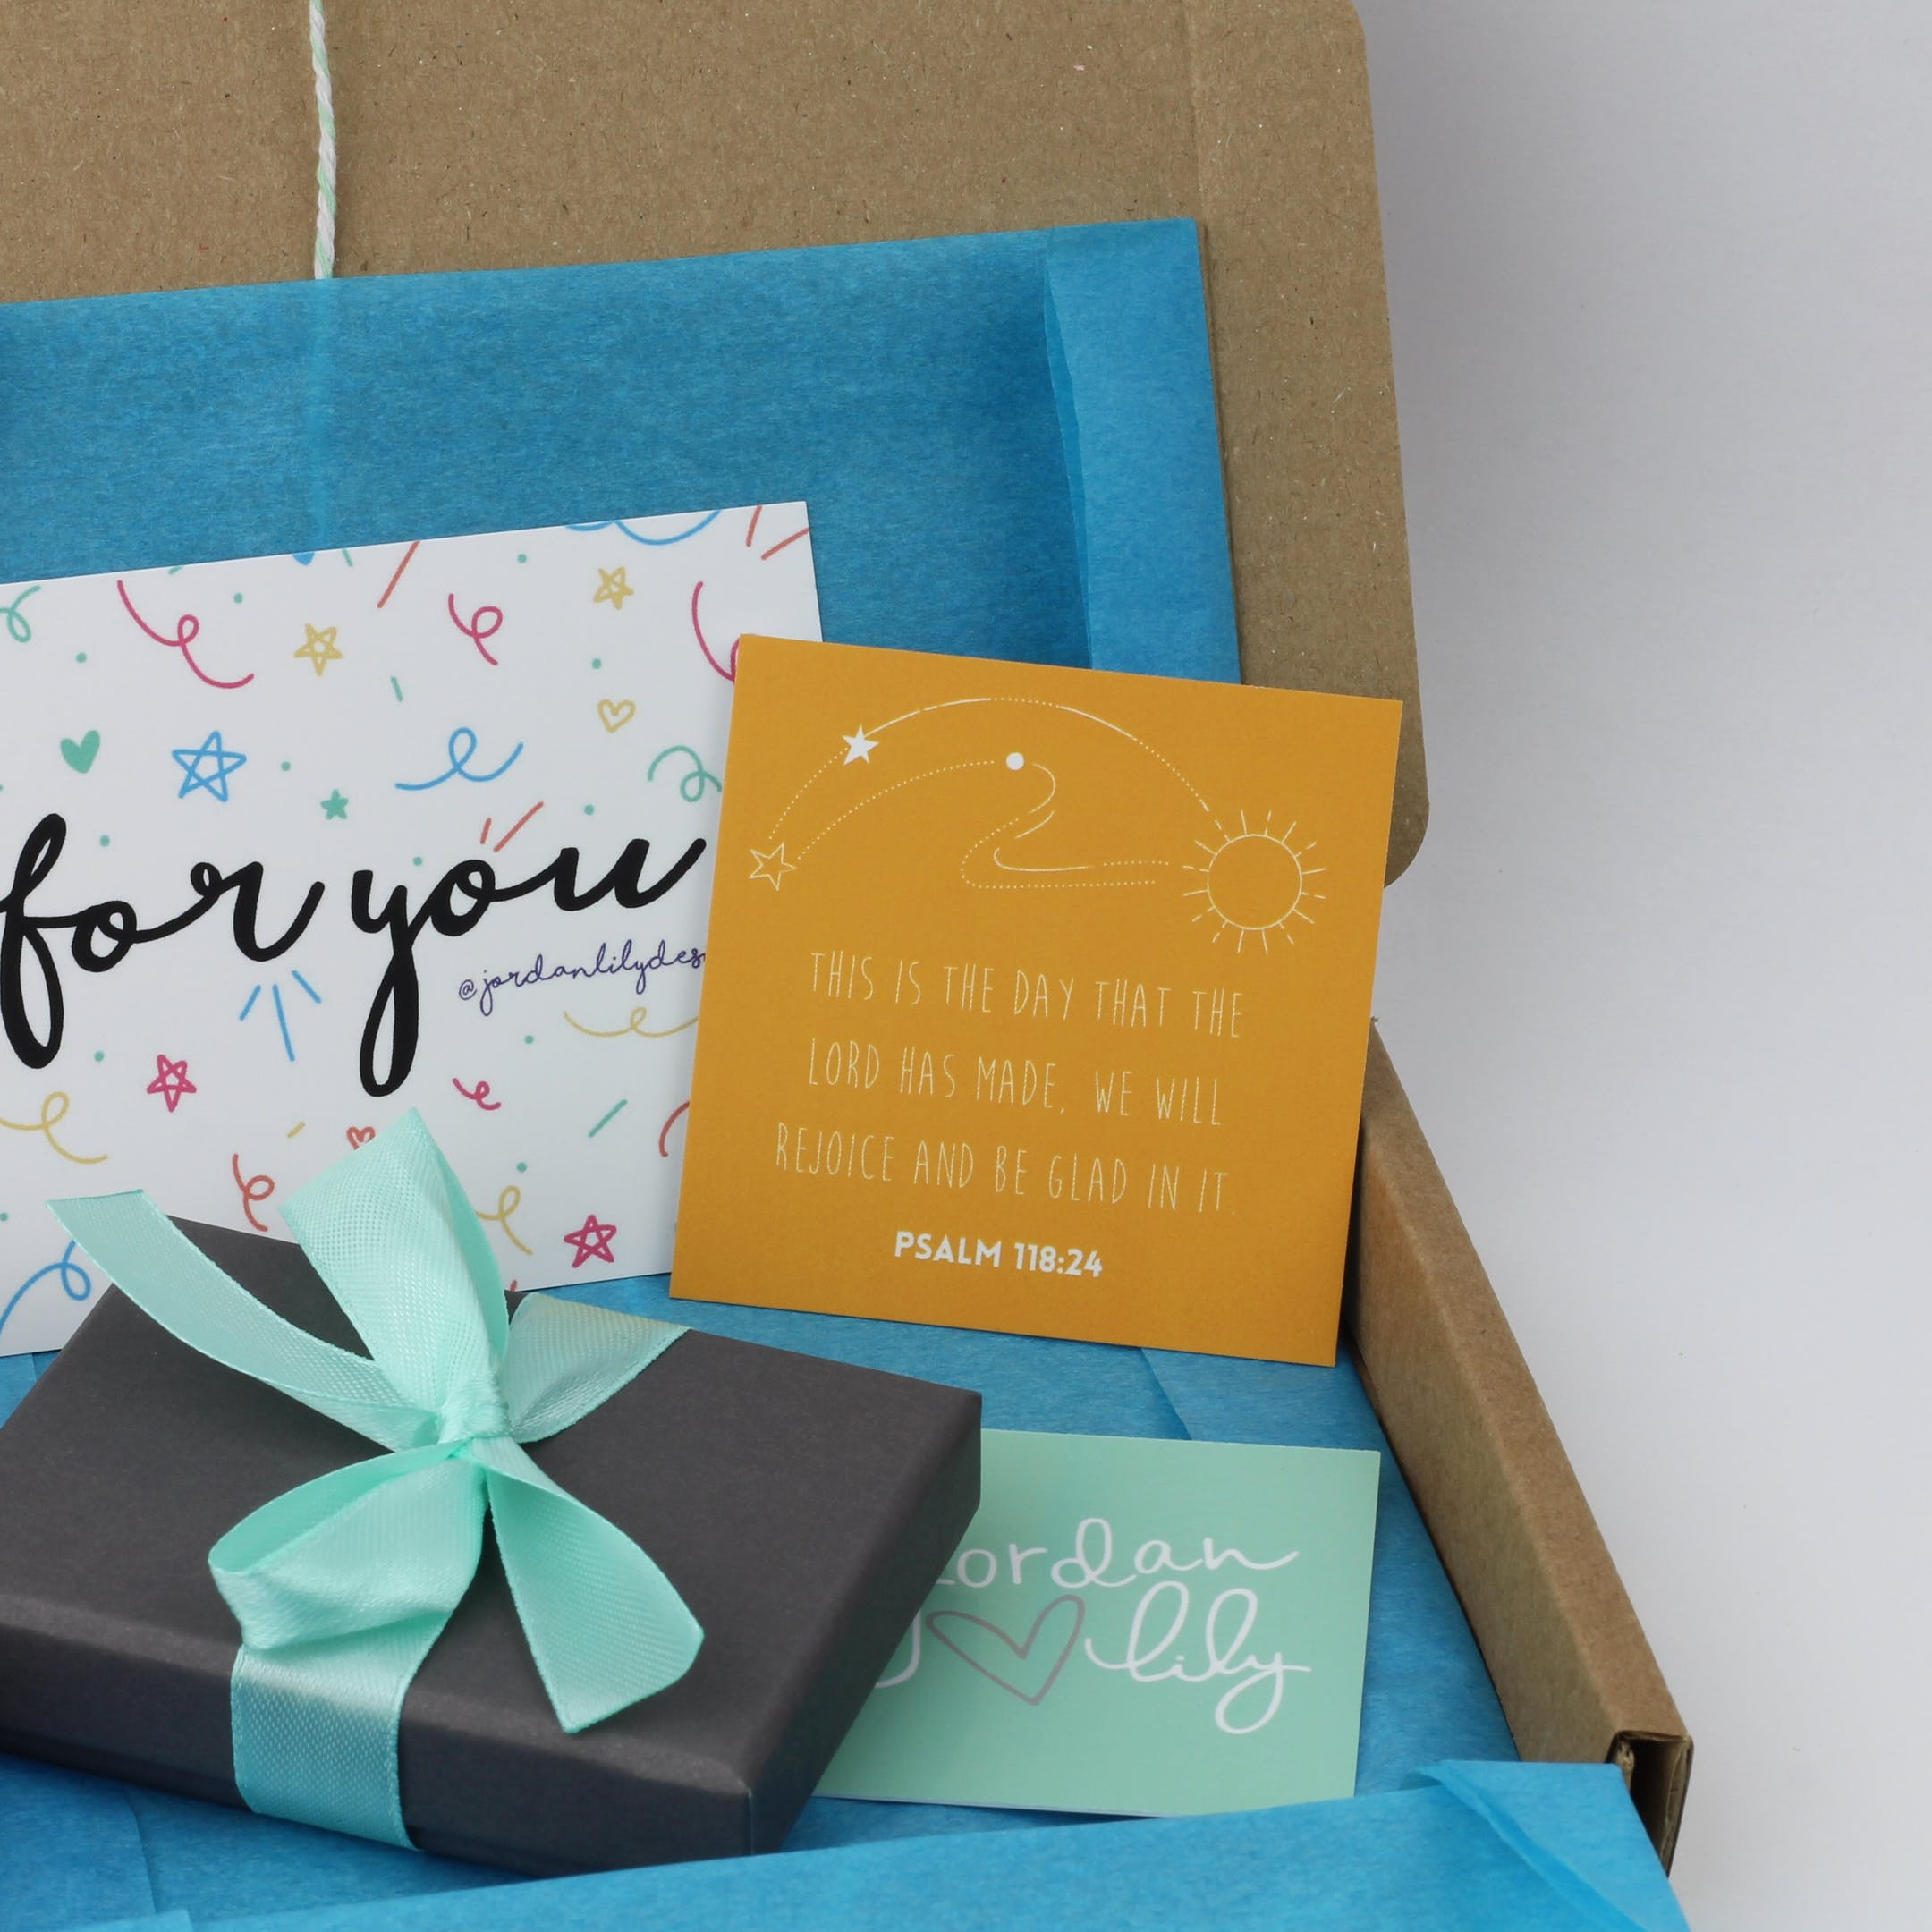 Jordan Lily Designs Christian Gift Box at Cheerfully Given